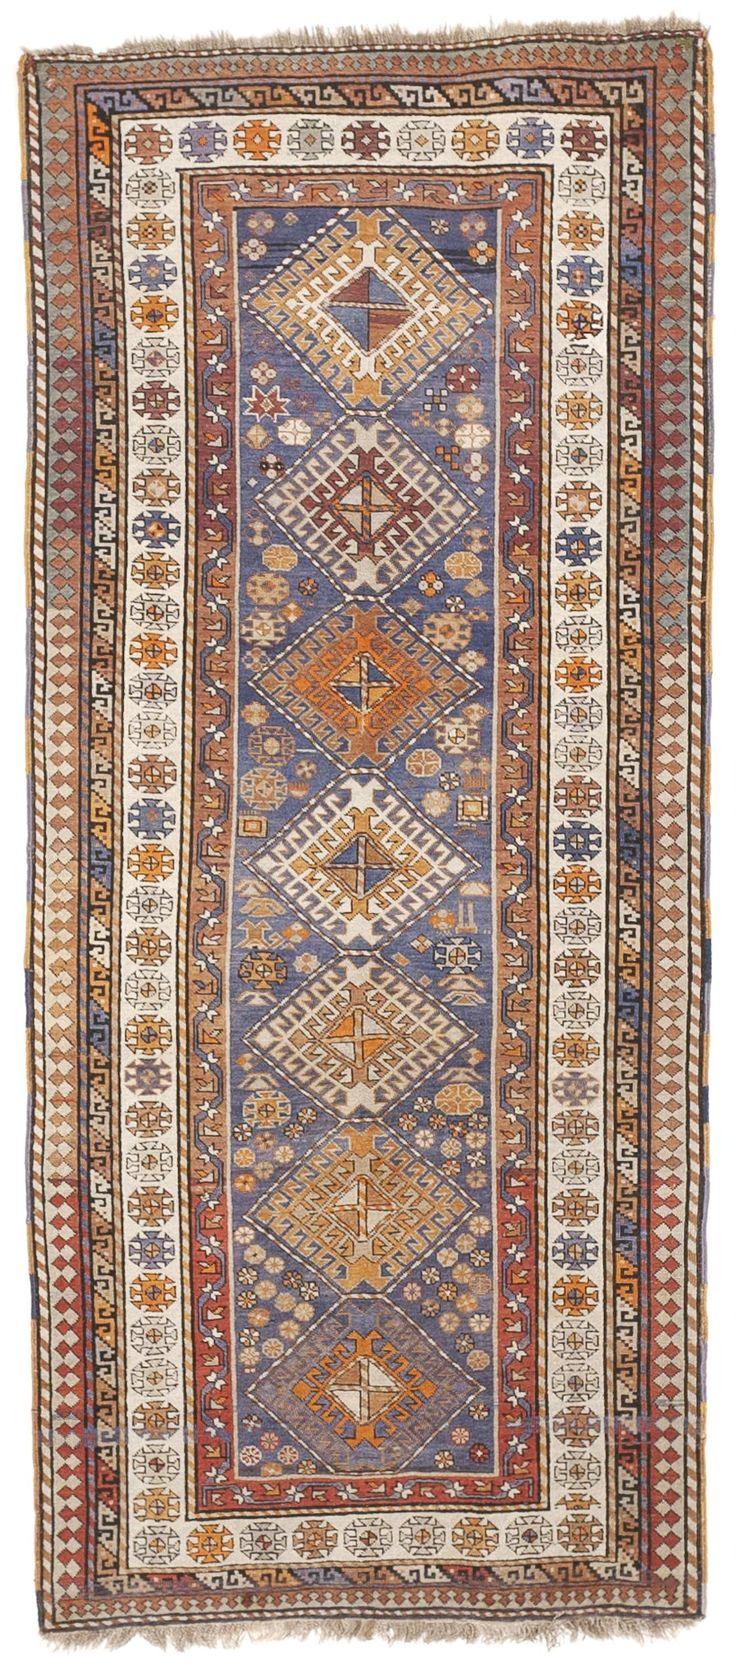 Antique Kazak Runner 3 10 X 8 7 Nlr 132 Rug Runner Rugs Rugs On Carpet